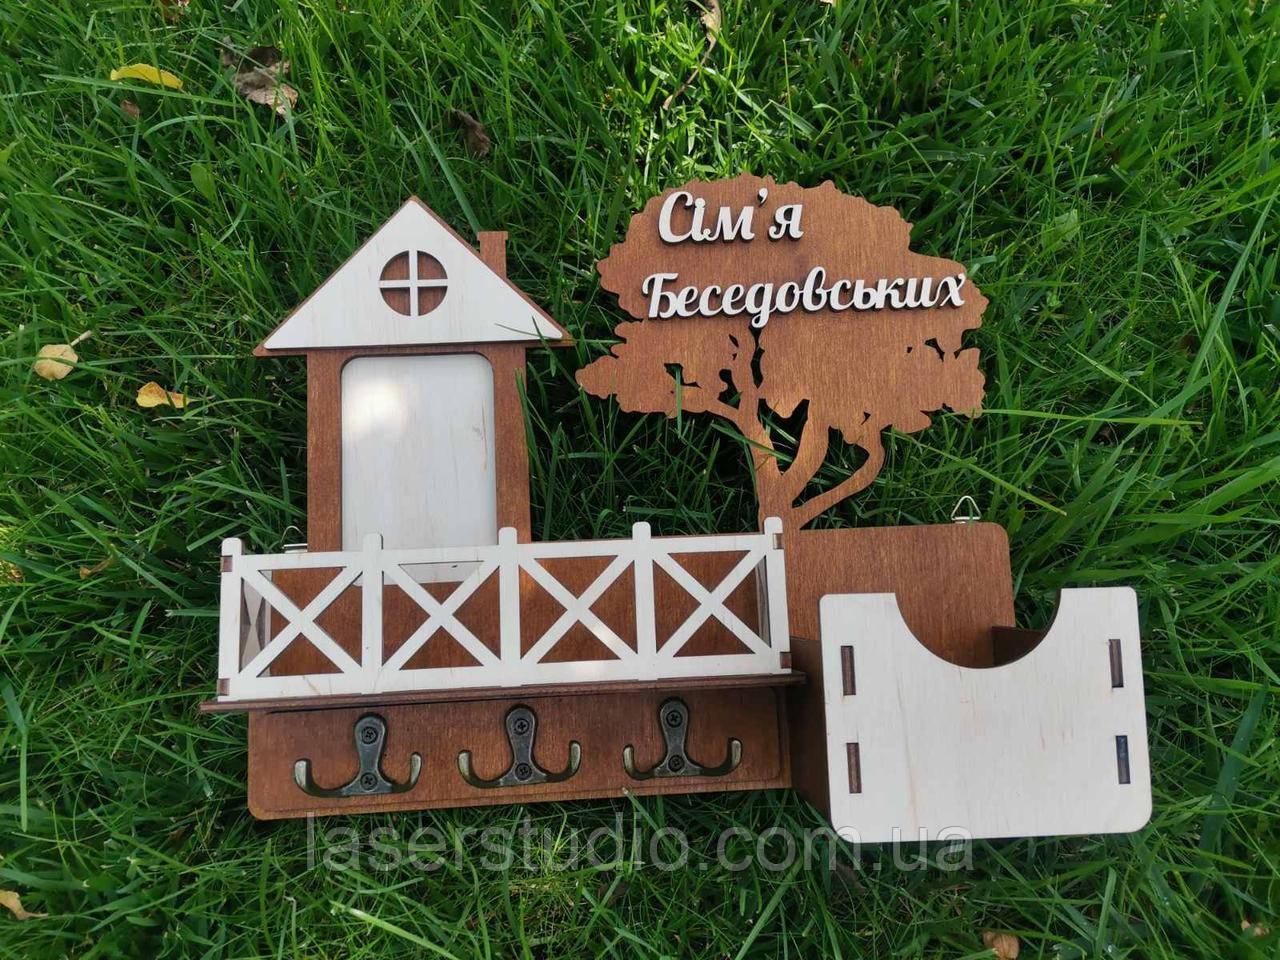 Деревянная Ключница настенная с фоторамкой, Фамилией семьи, Настенная ключница в форме дома с полкой.